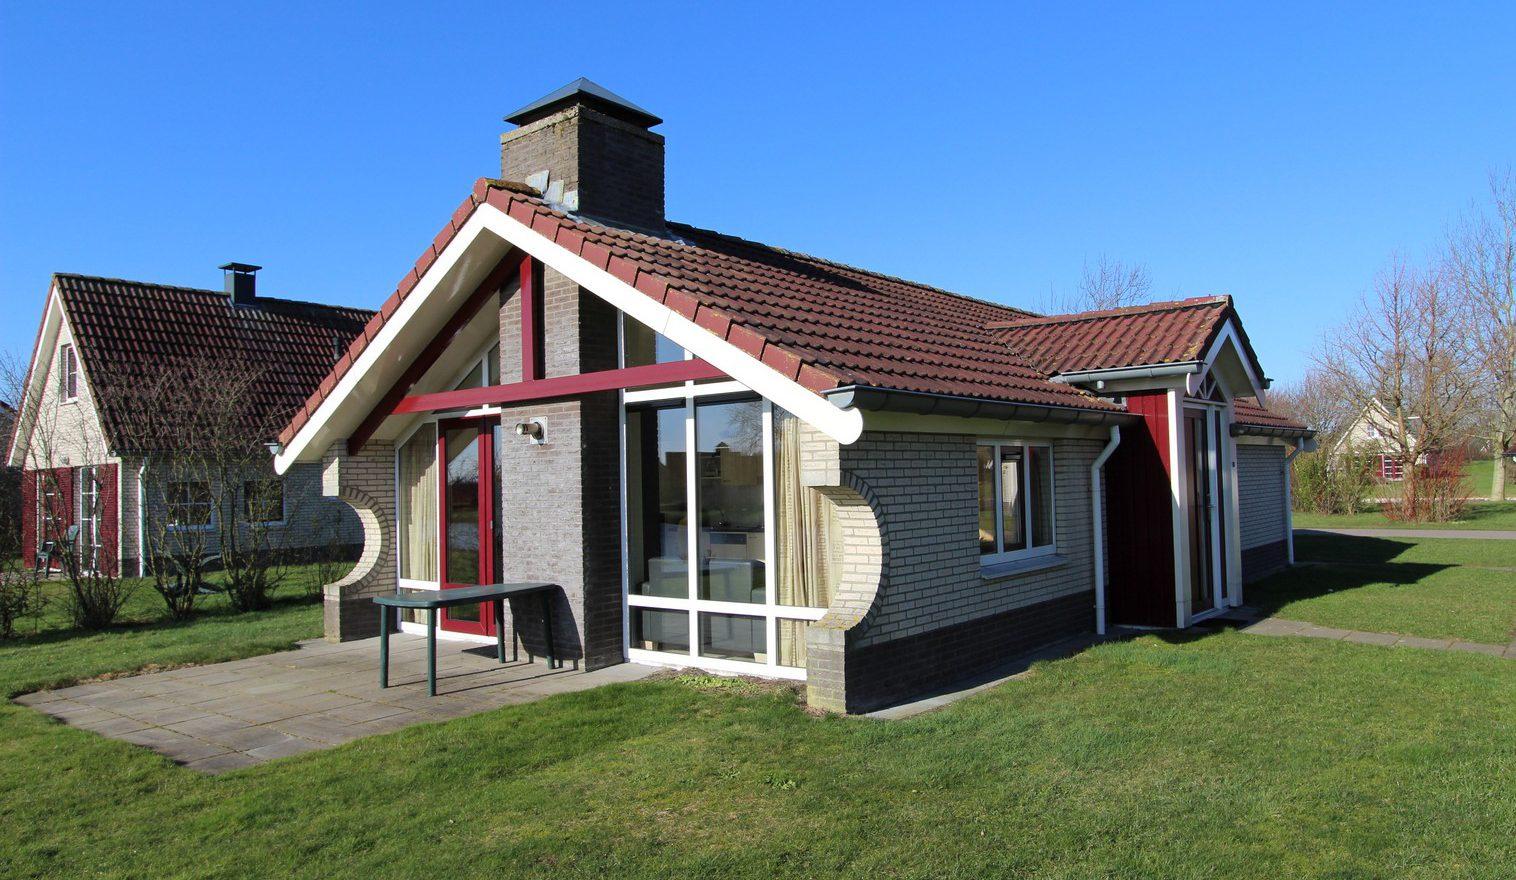 Buitenhuis 194, type Jura 5-persoons Comfort (SR376) 1